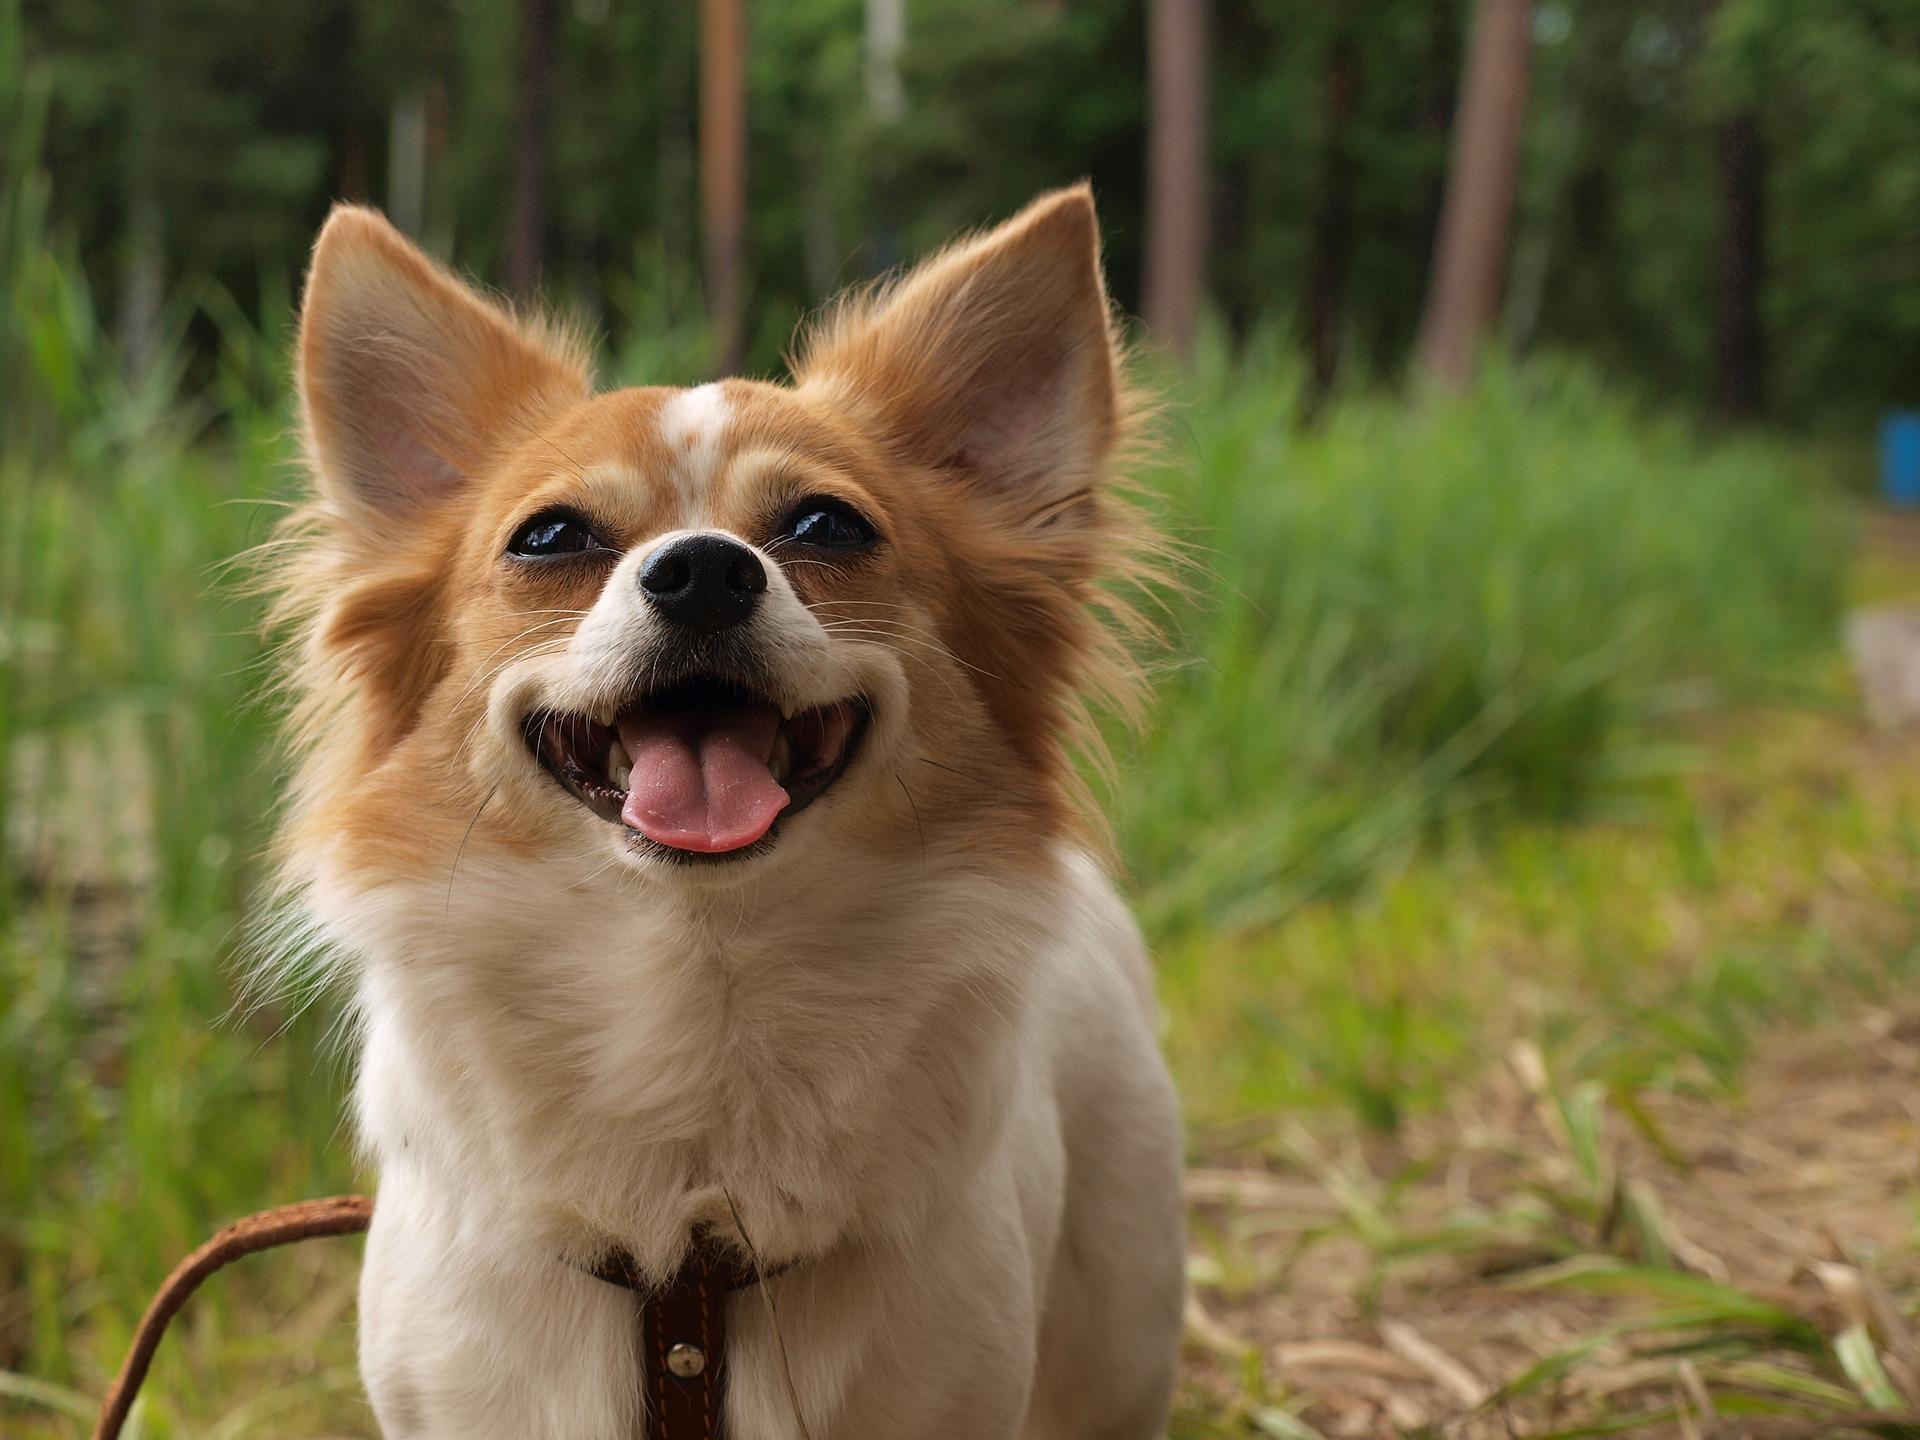 チワックスに合うドッグフードはなに?ミックス犬のための選び方講座